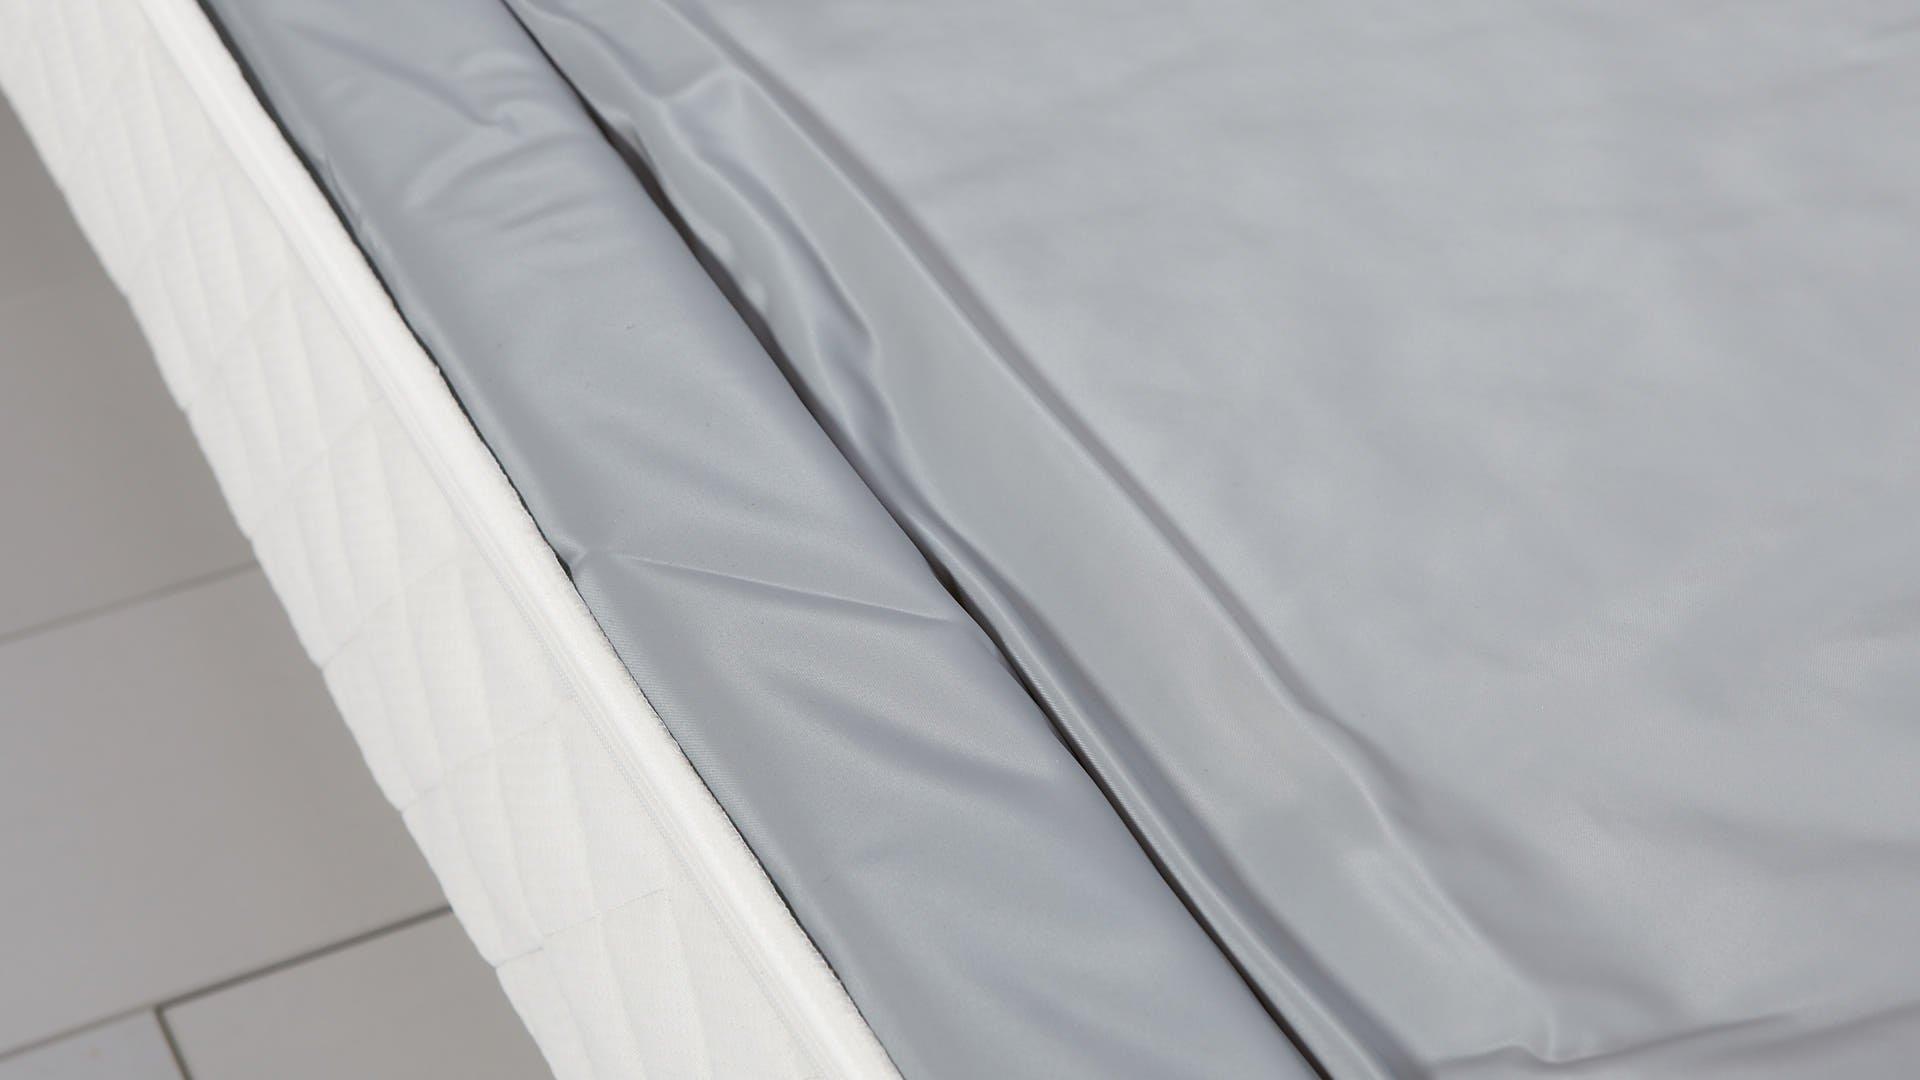 Wasserbettmatratze schließt perfekt an Schaumstoffrand an